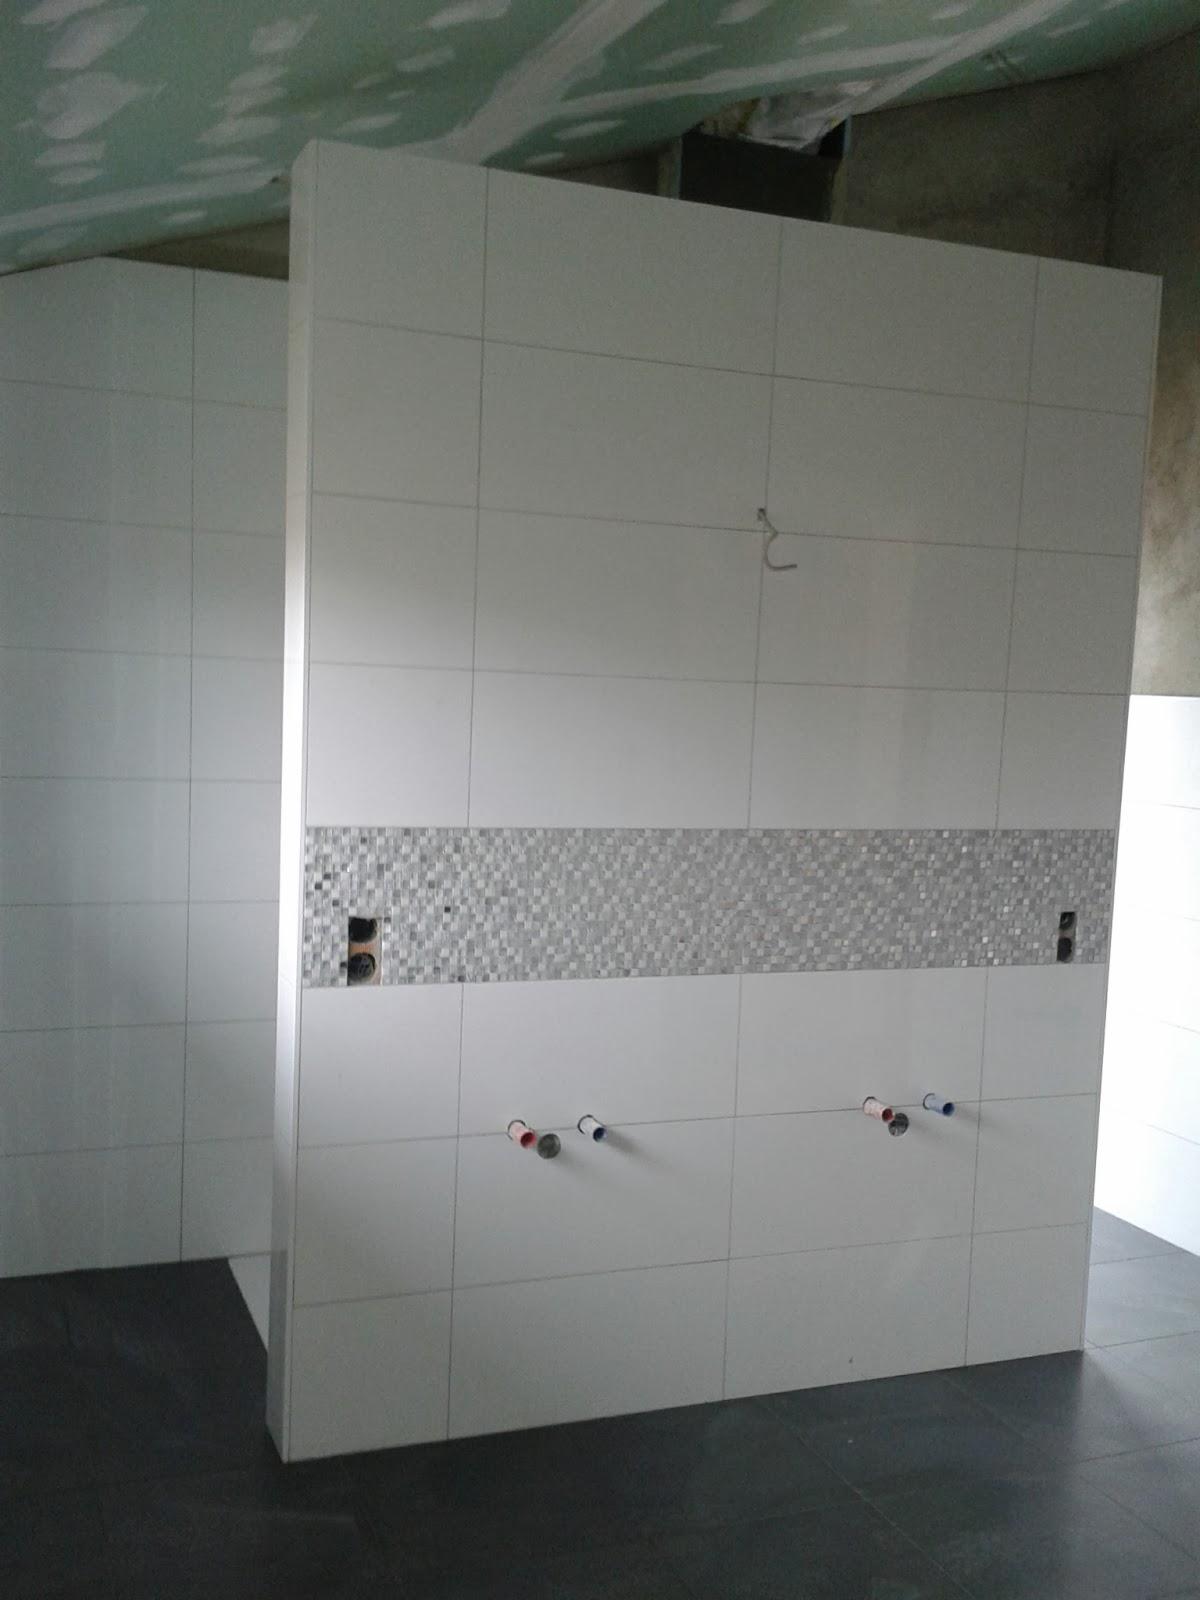 Bodentiefe Fenster Nachtr Glich Einbauen fishzero com bodentiefe dusche einbauen verschiedene design inspiration und interessante